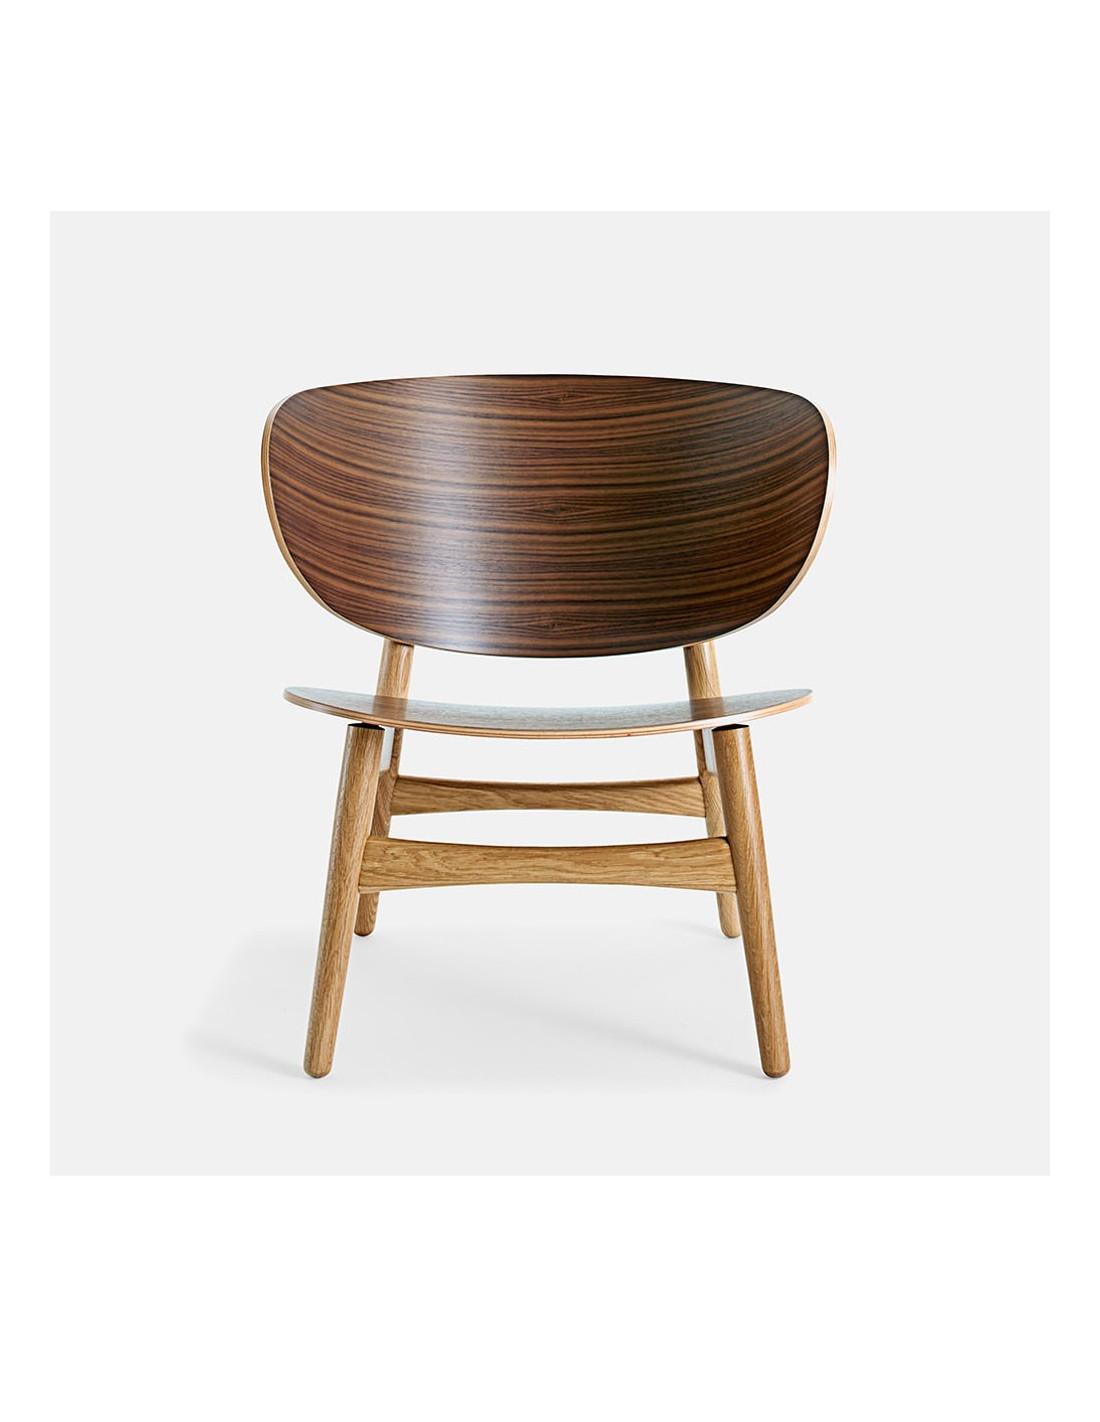 fauteuil venus hans j wegner getama. Black Bedroom Furniture Sets. Home Design Ideas